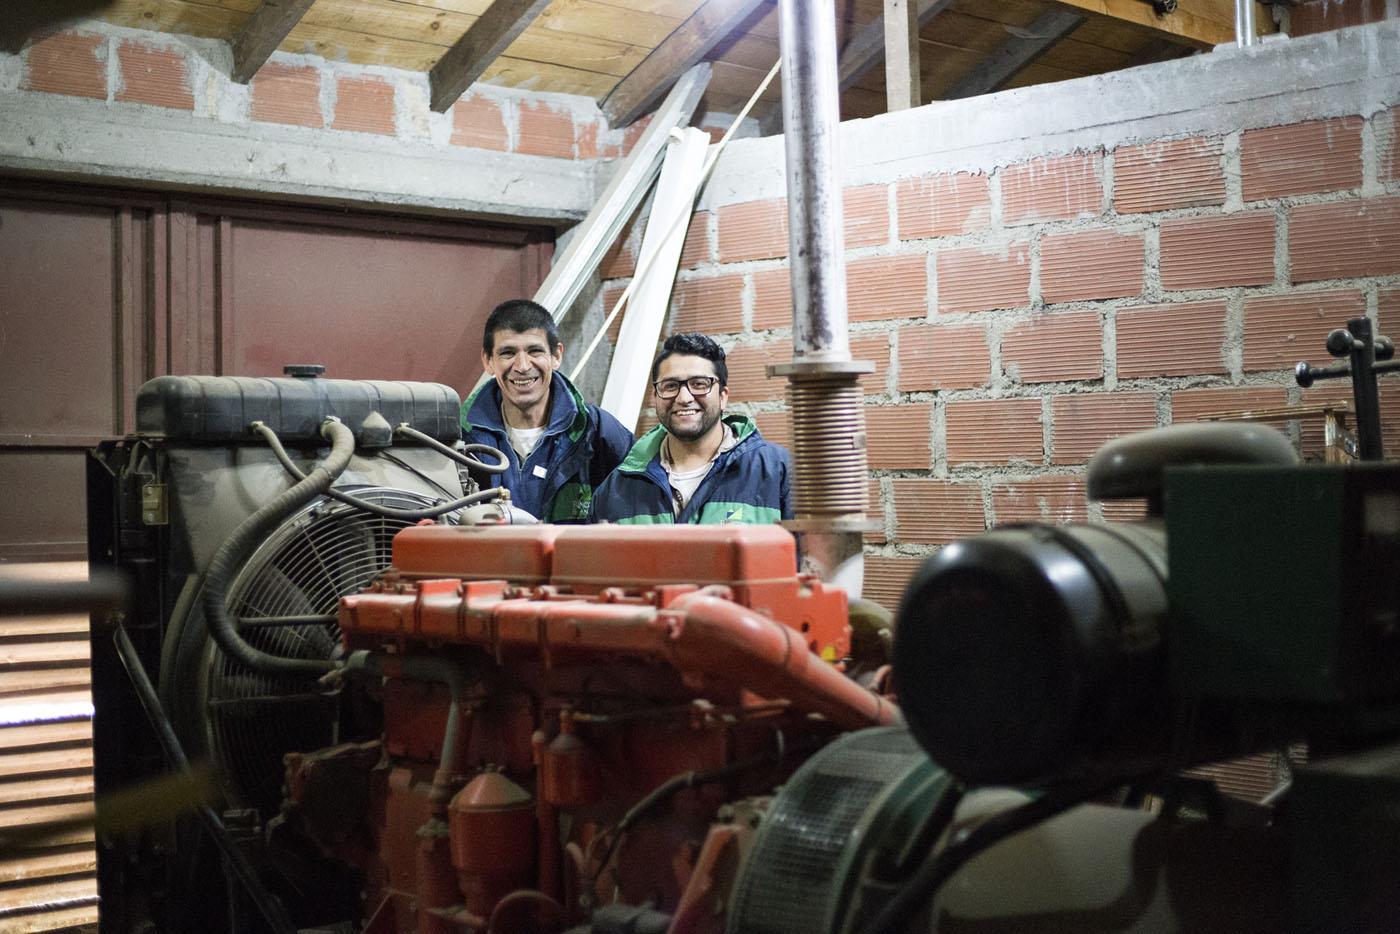 Nuestro equipo técnico, junto al poderoso grupo electrógeno de Rincón de los Andes.